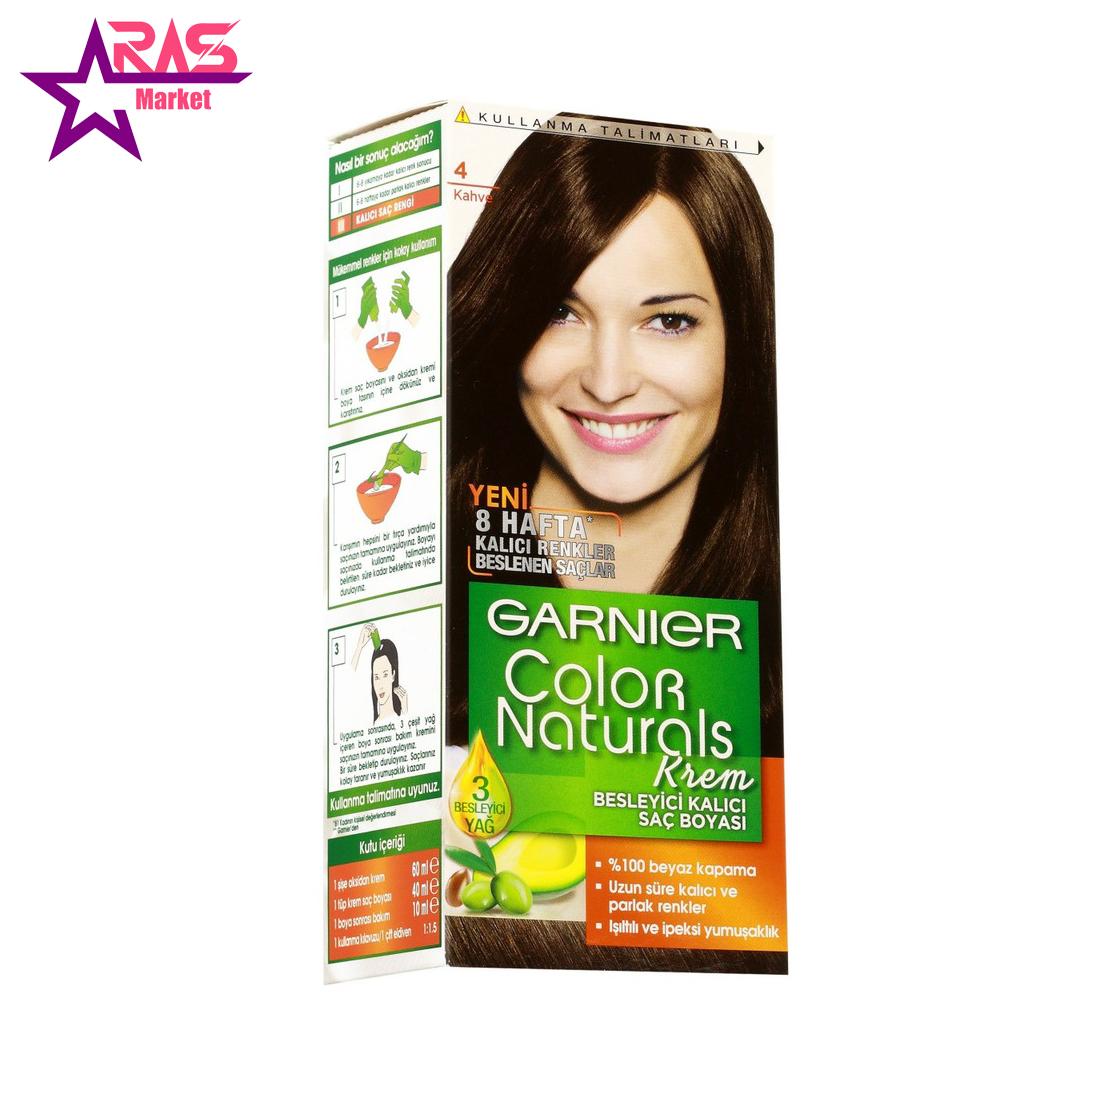 کیت رنگ مو گارنیر سری Color Naturals شماره 4 ،فروشگاه اینترنتی ارس مارکت ، بهداشت بانوان